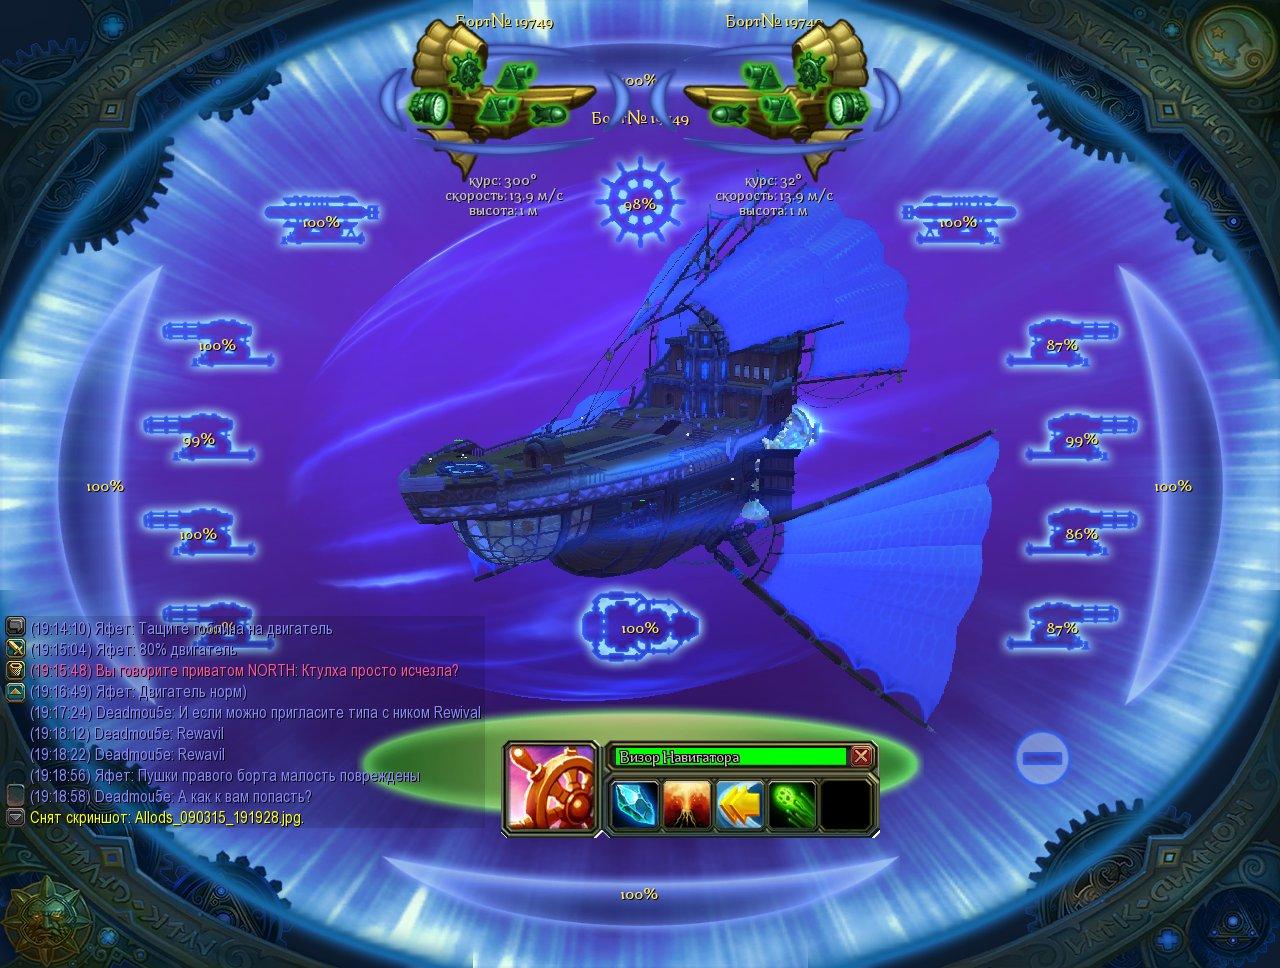 Визор корабля - Allods Online